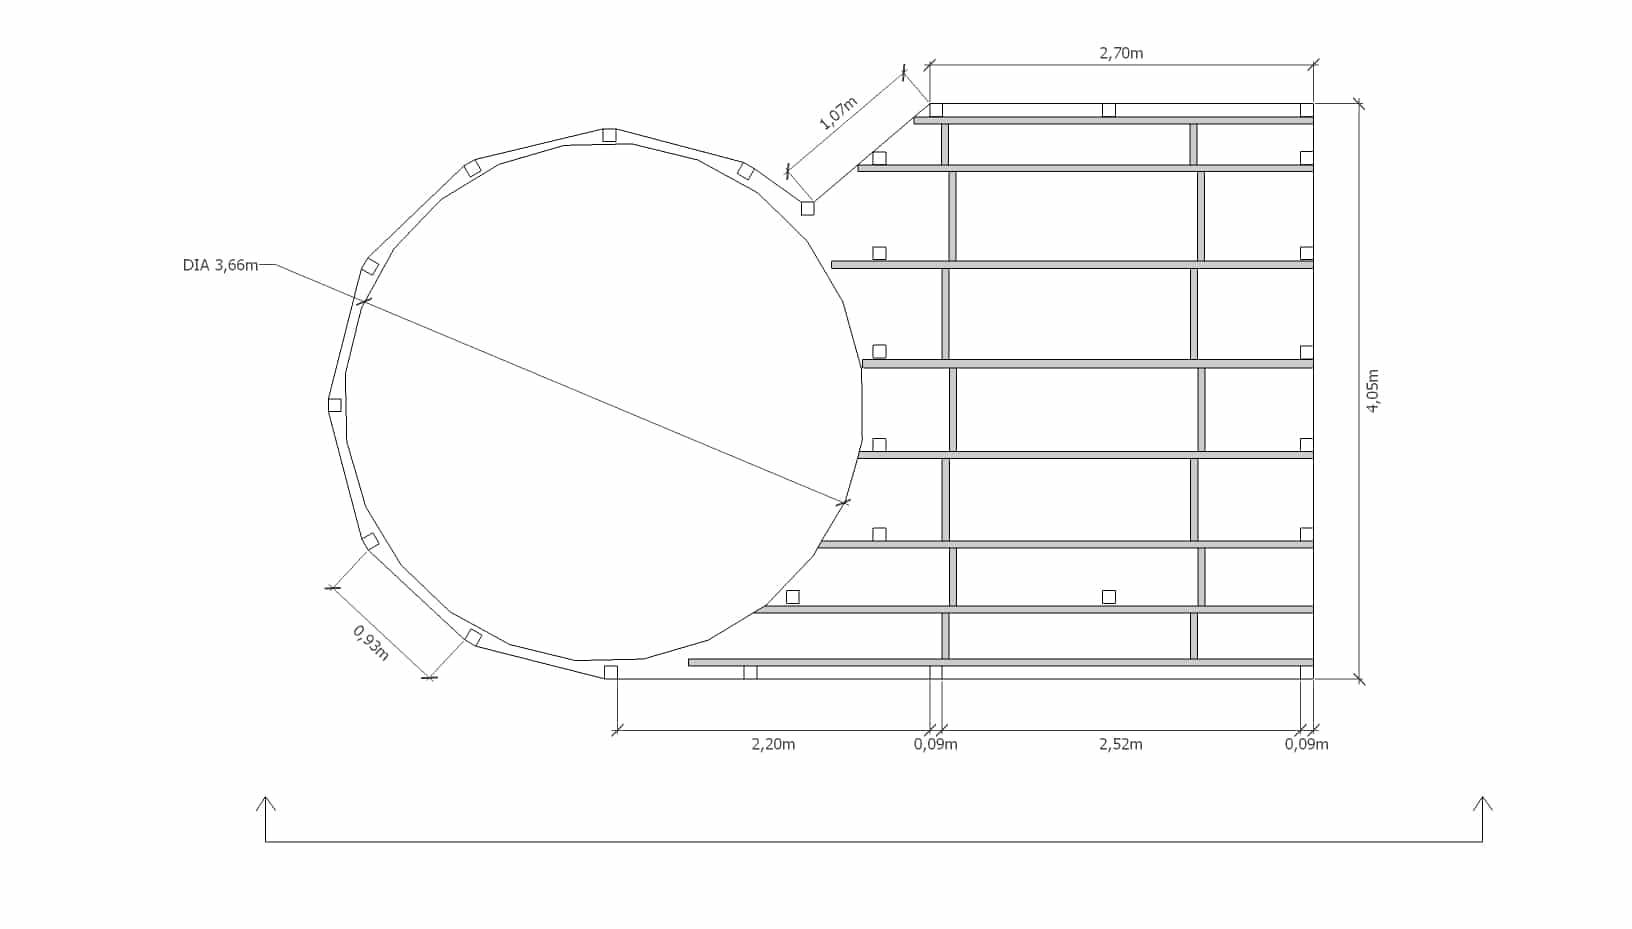 Tuto Déco: Aménager Une Terrasse Autour D'une Piscine ... à Plan De Coupe Piscine